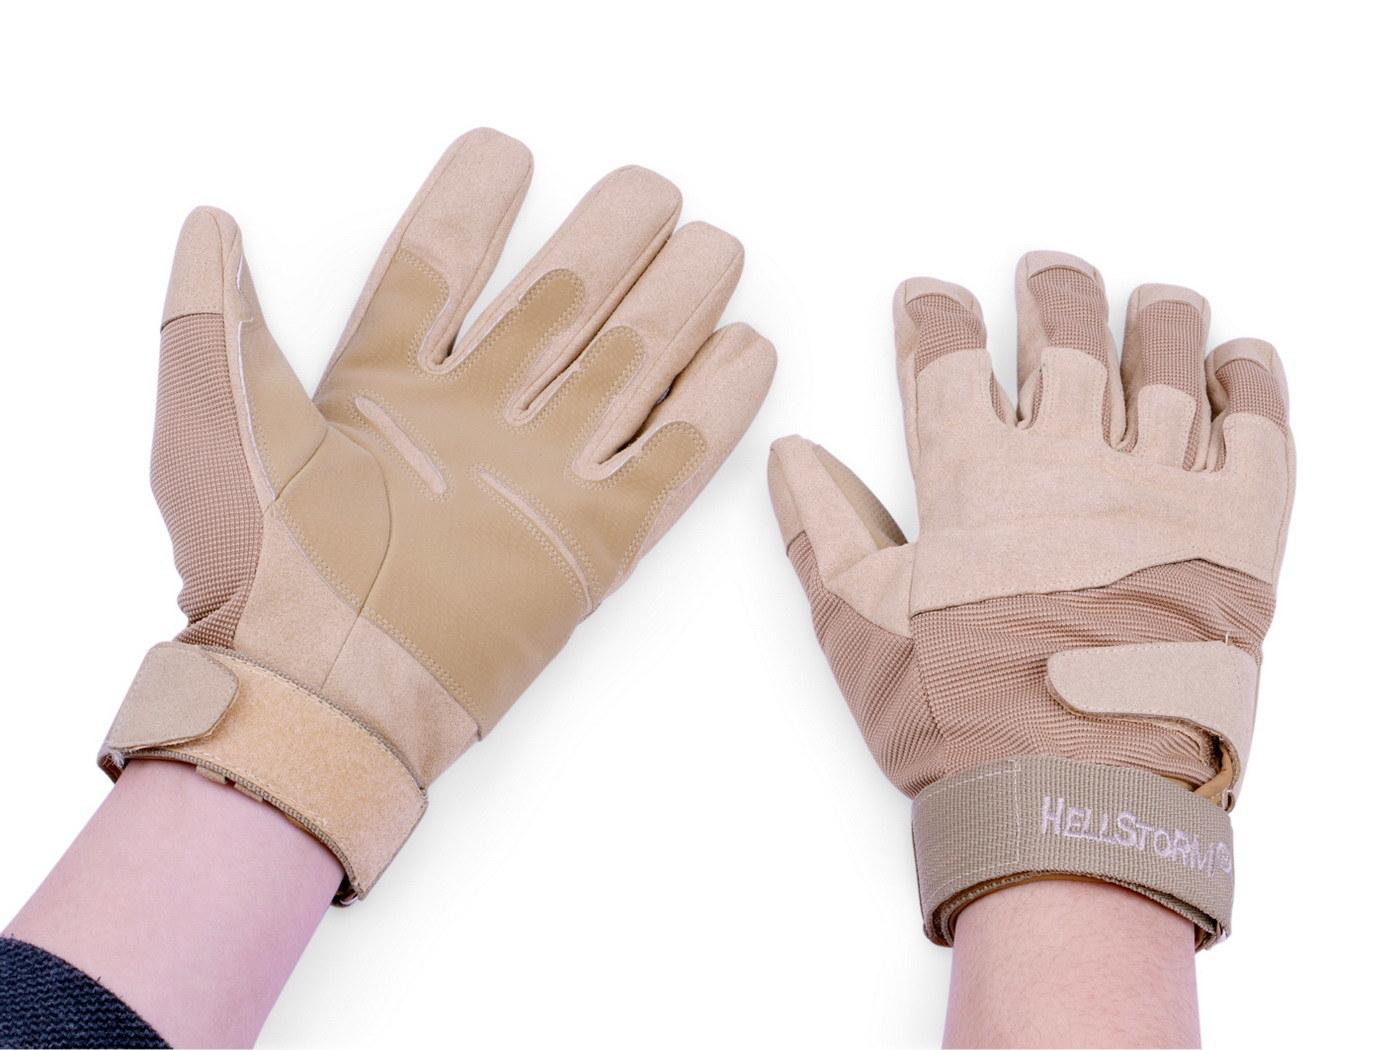 Full Finger Tactical Assault Glove